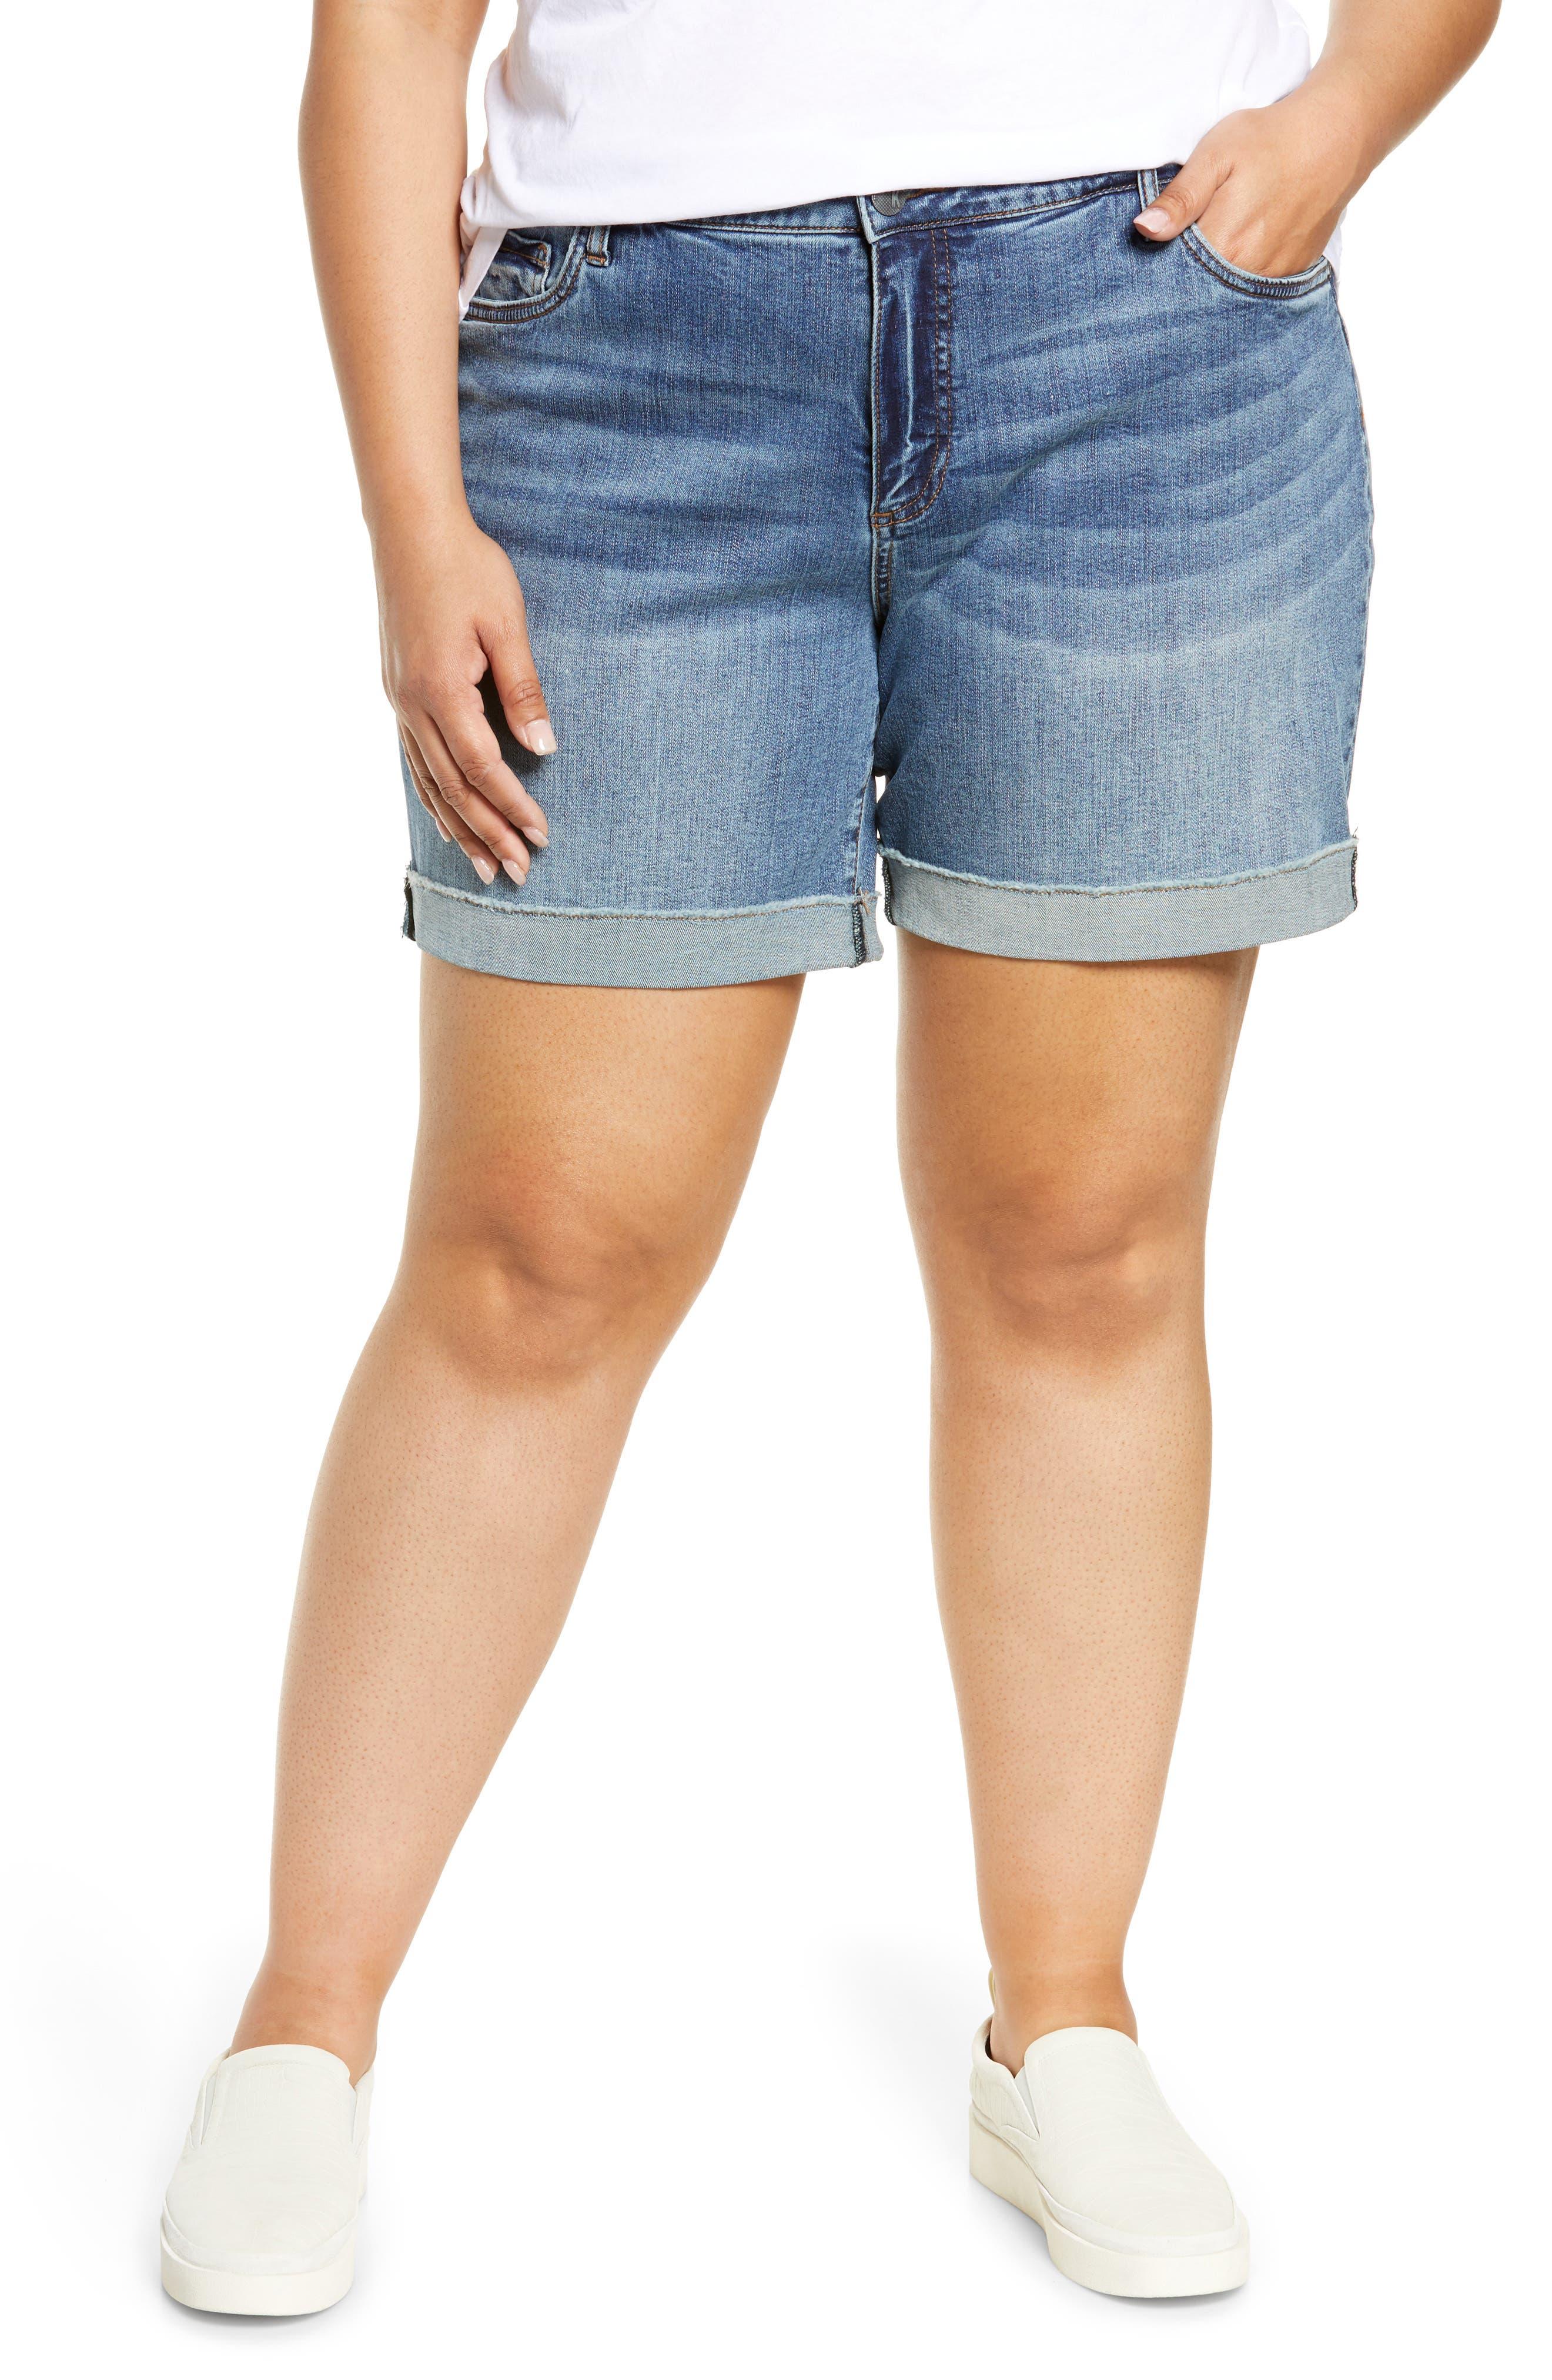 Catherine High Waist Cutoff Denim Boyfriend Shorts